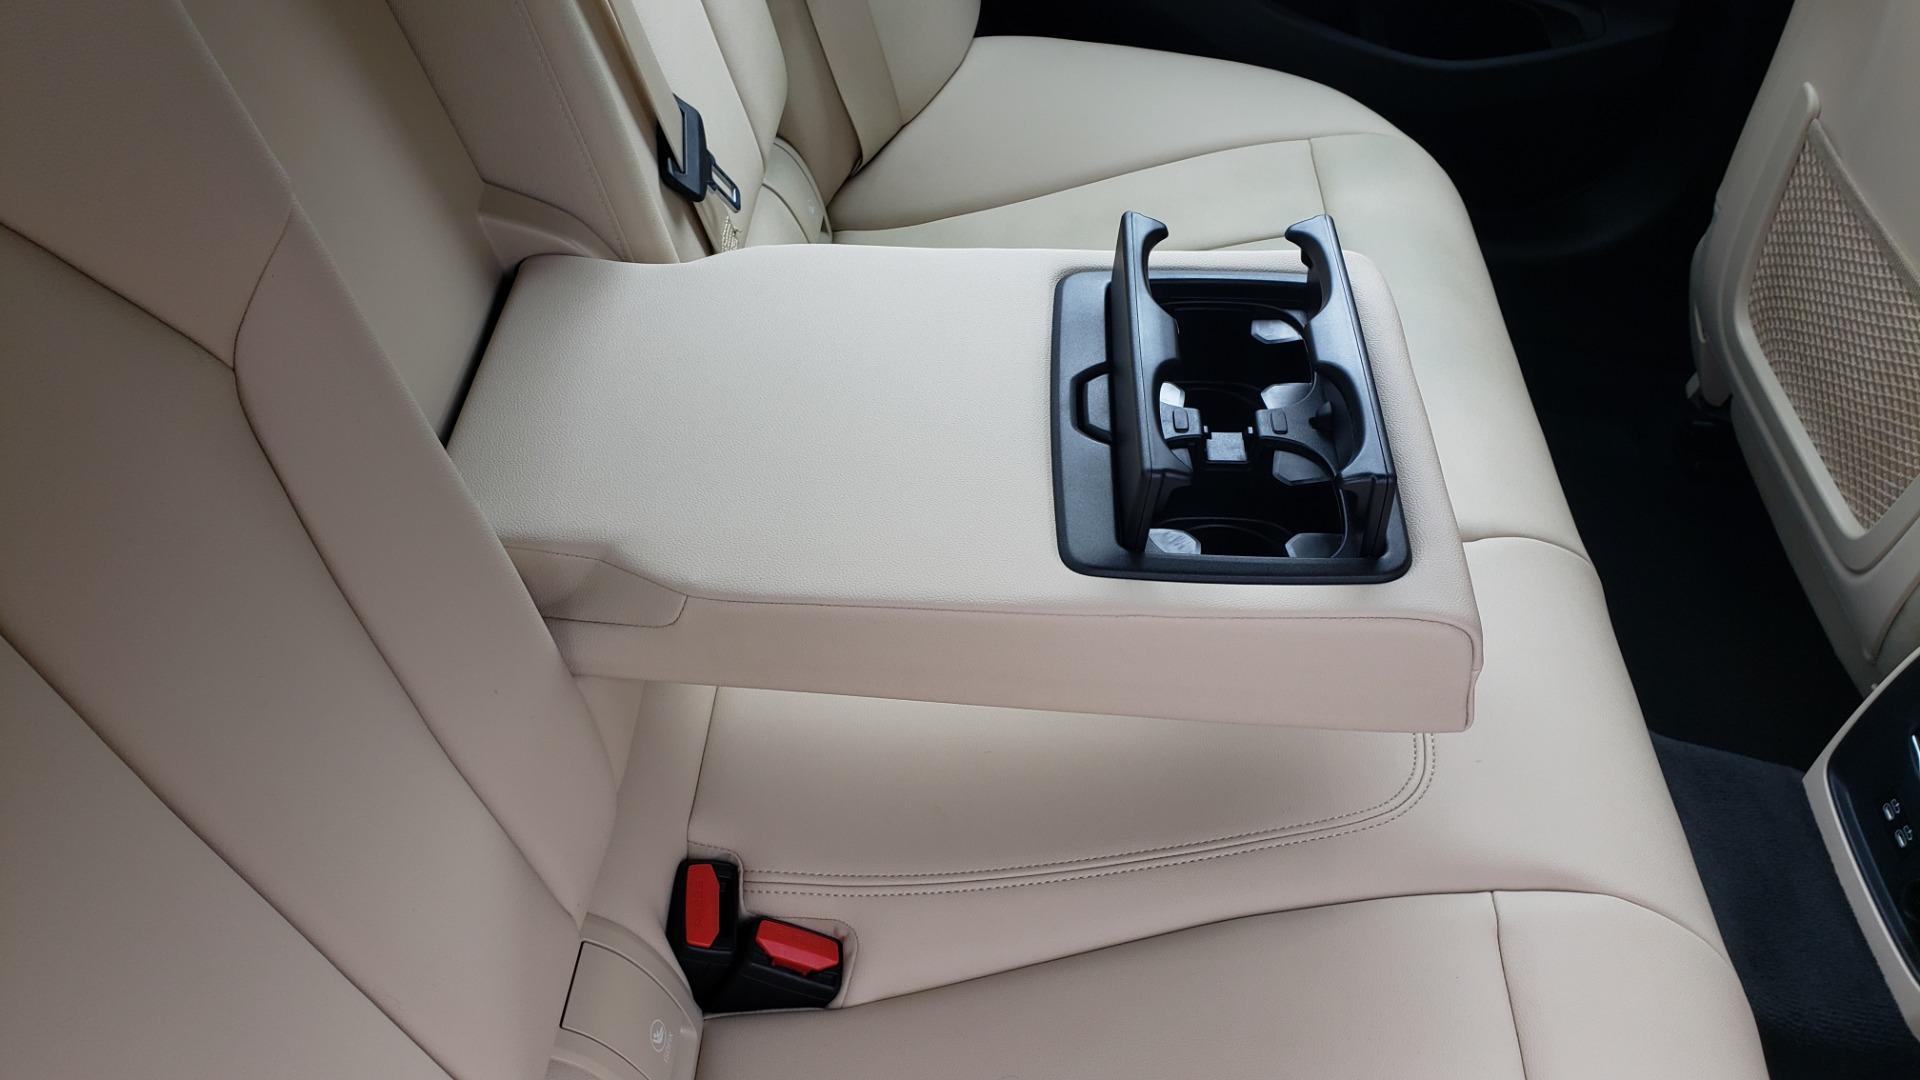 Used 2019 BMW 3 SERIES 330I PREM PKG / NAV / CONV PKG / H&K SND / LIVE COCKPIT PRO for sale Sold at Formula Imports in Charlotte NC 28227 77